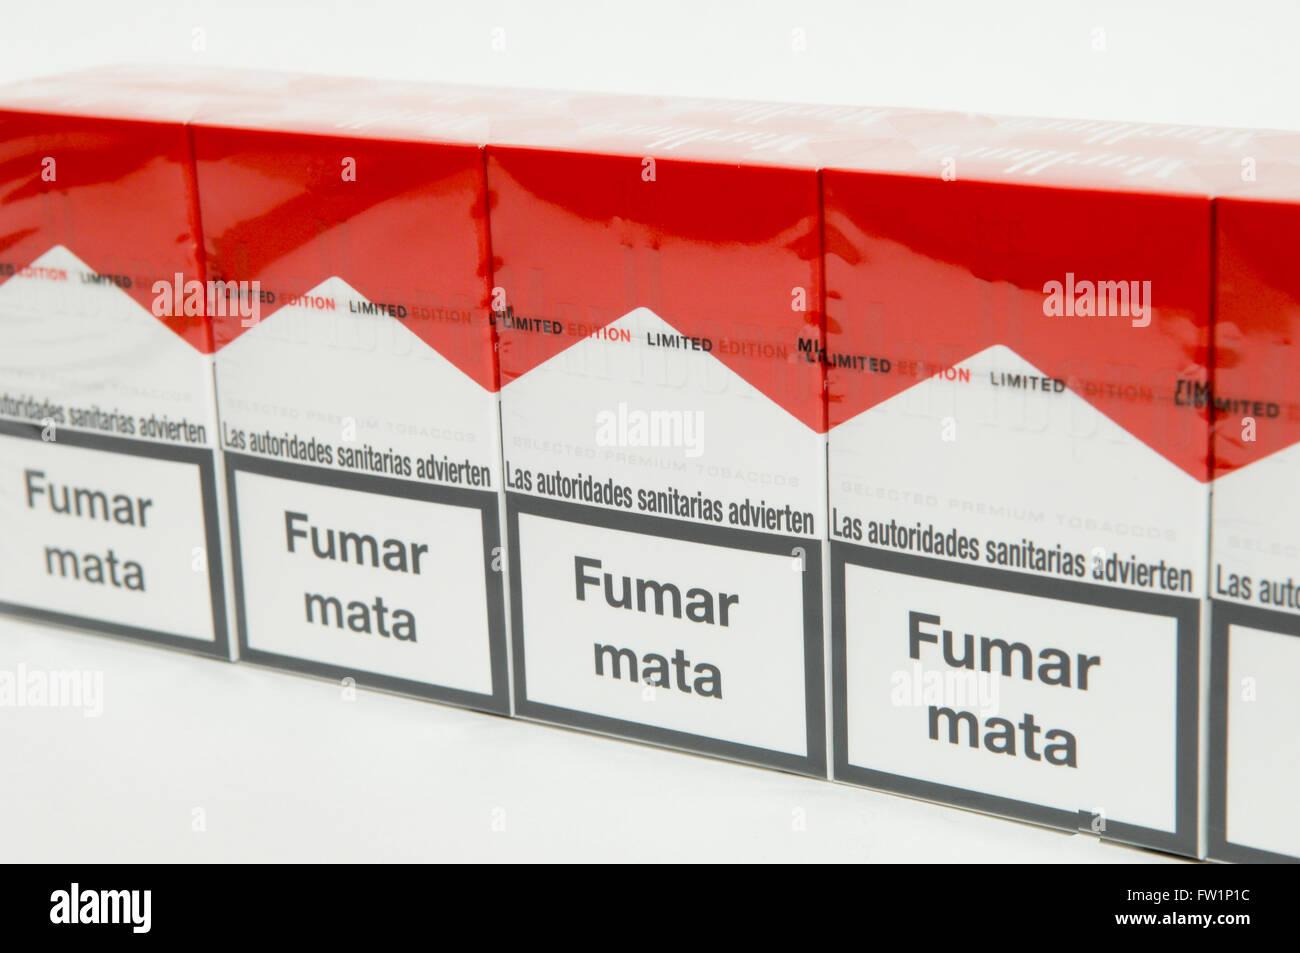 Cheap cigarette Lambert Butler menthol Lambert Butler